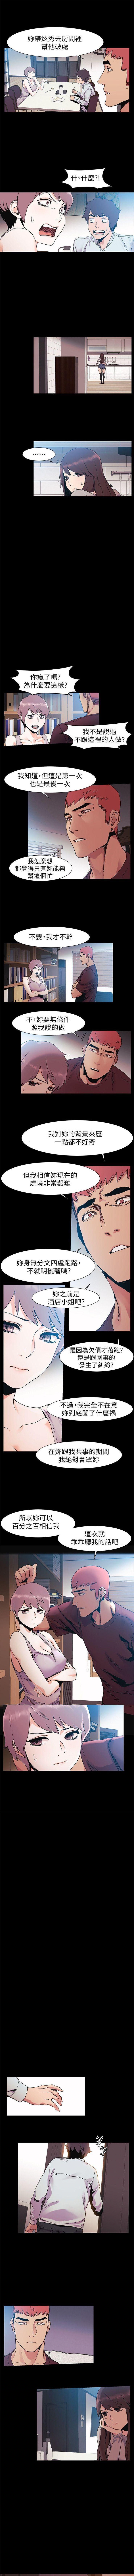 (週5)衝突 1-91 中文翻譯 (更新中) 170